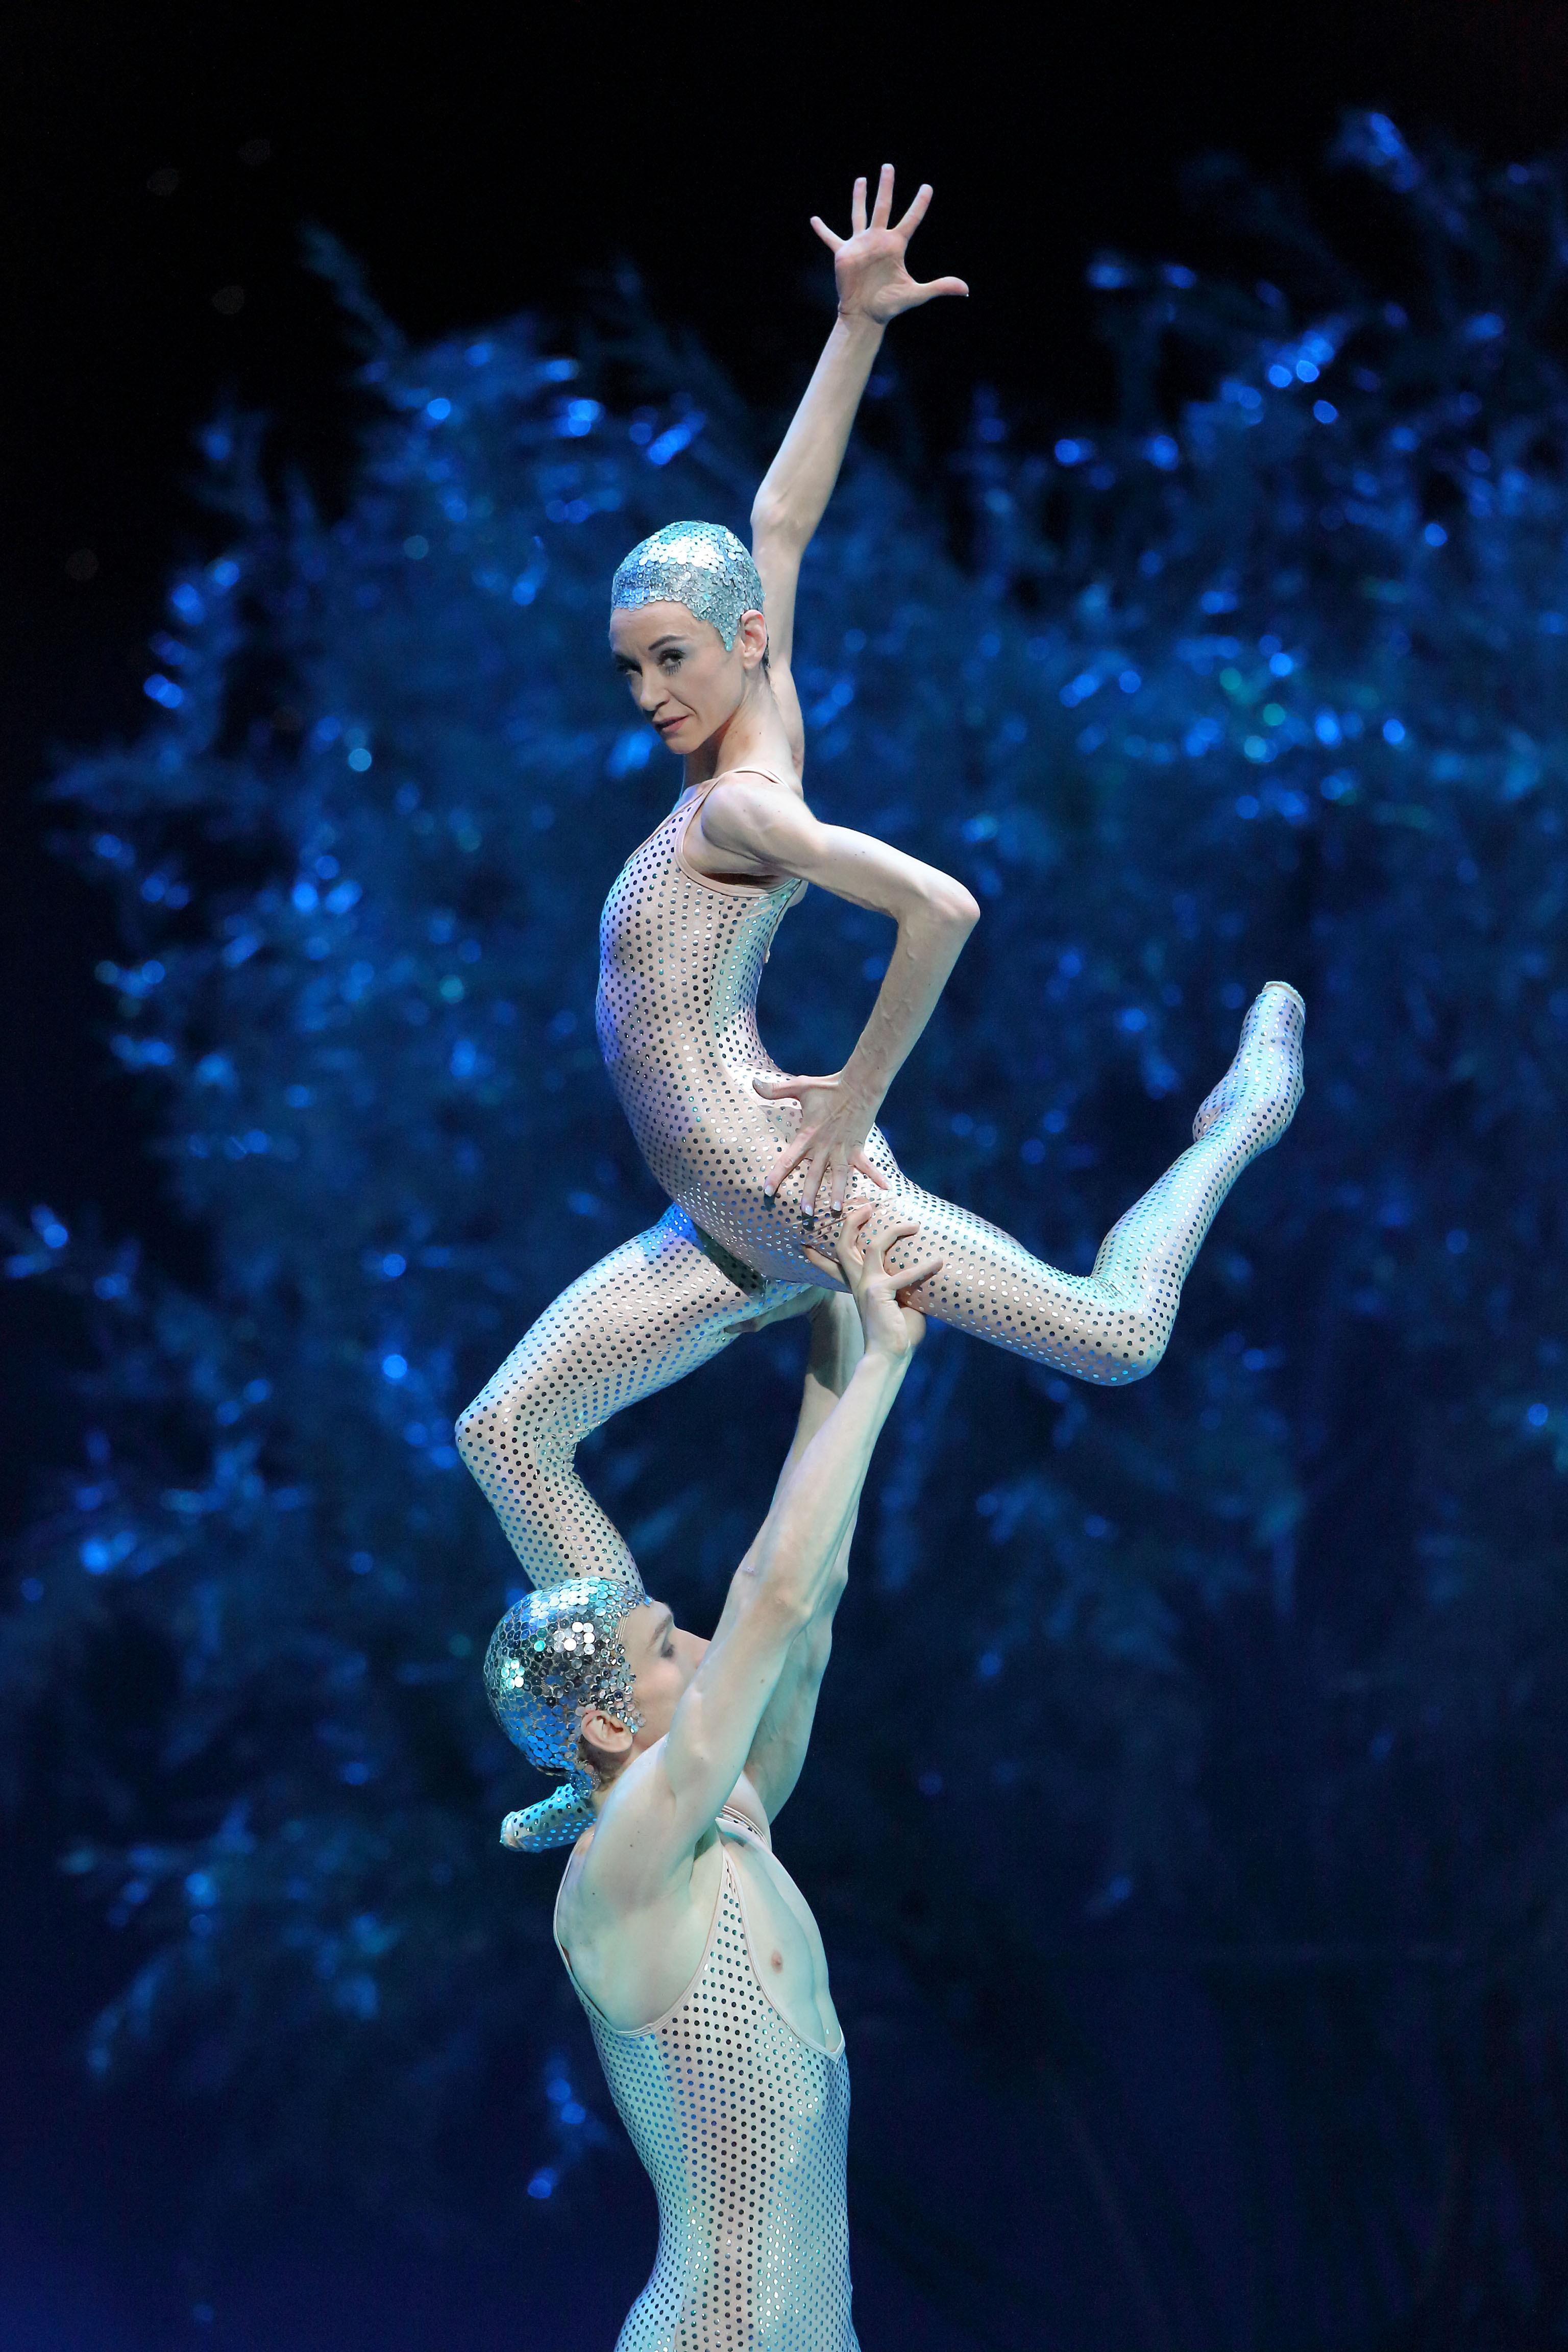 Reprise du Songe d'une nuit d'été de Neumeier au Festival du Ballet du Bayerisches Staatsballett